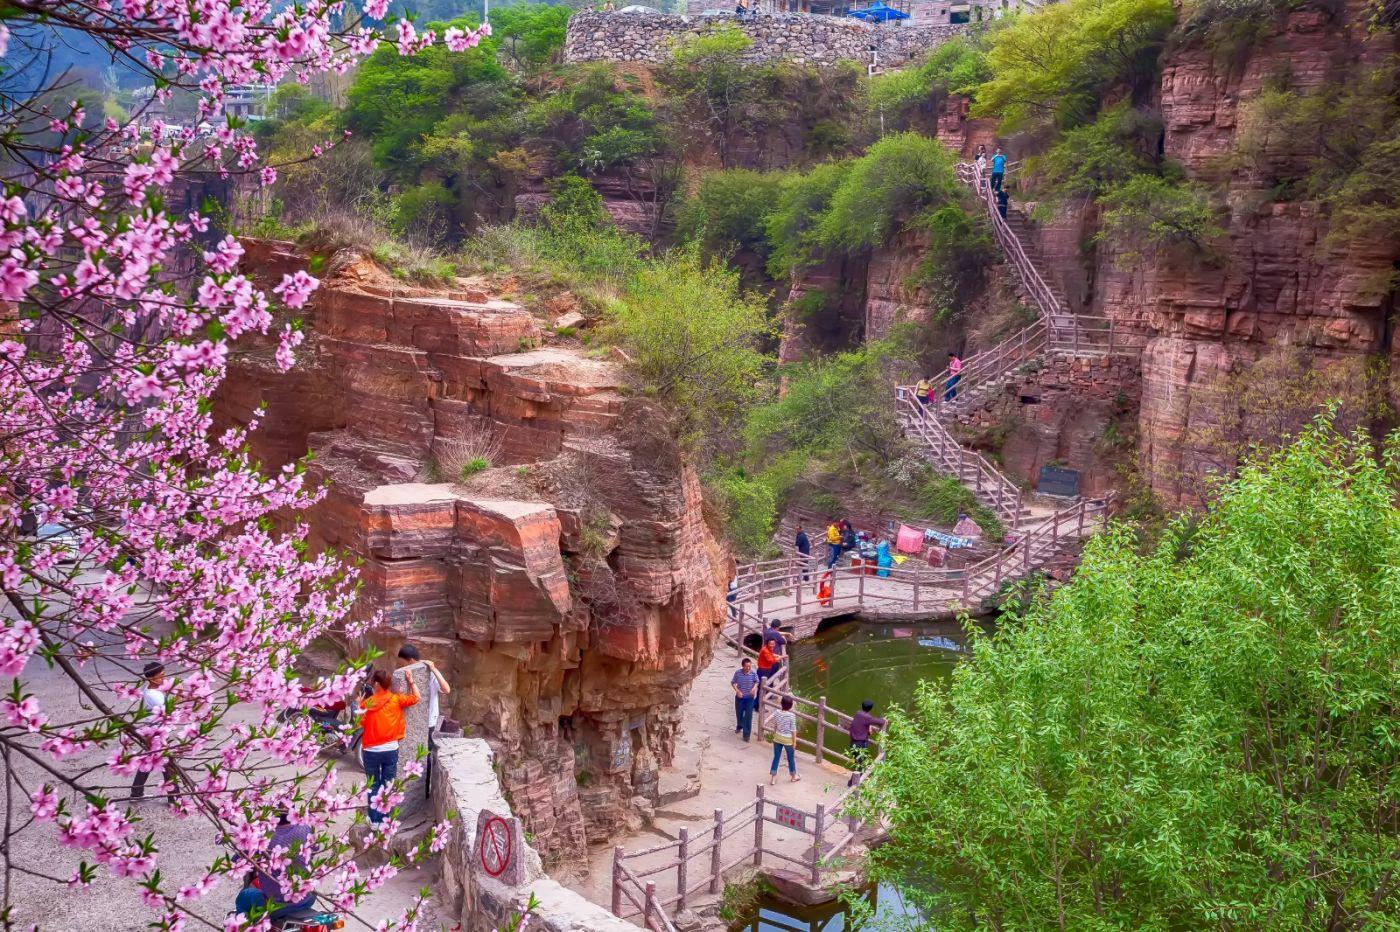 崖壁上的古村落 郭亮村 绝处也有风景_图1-5